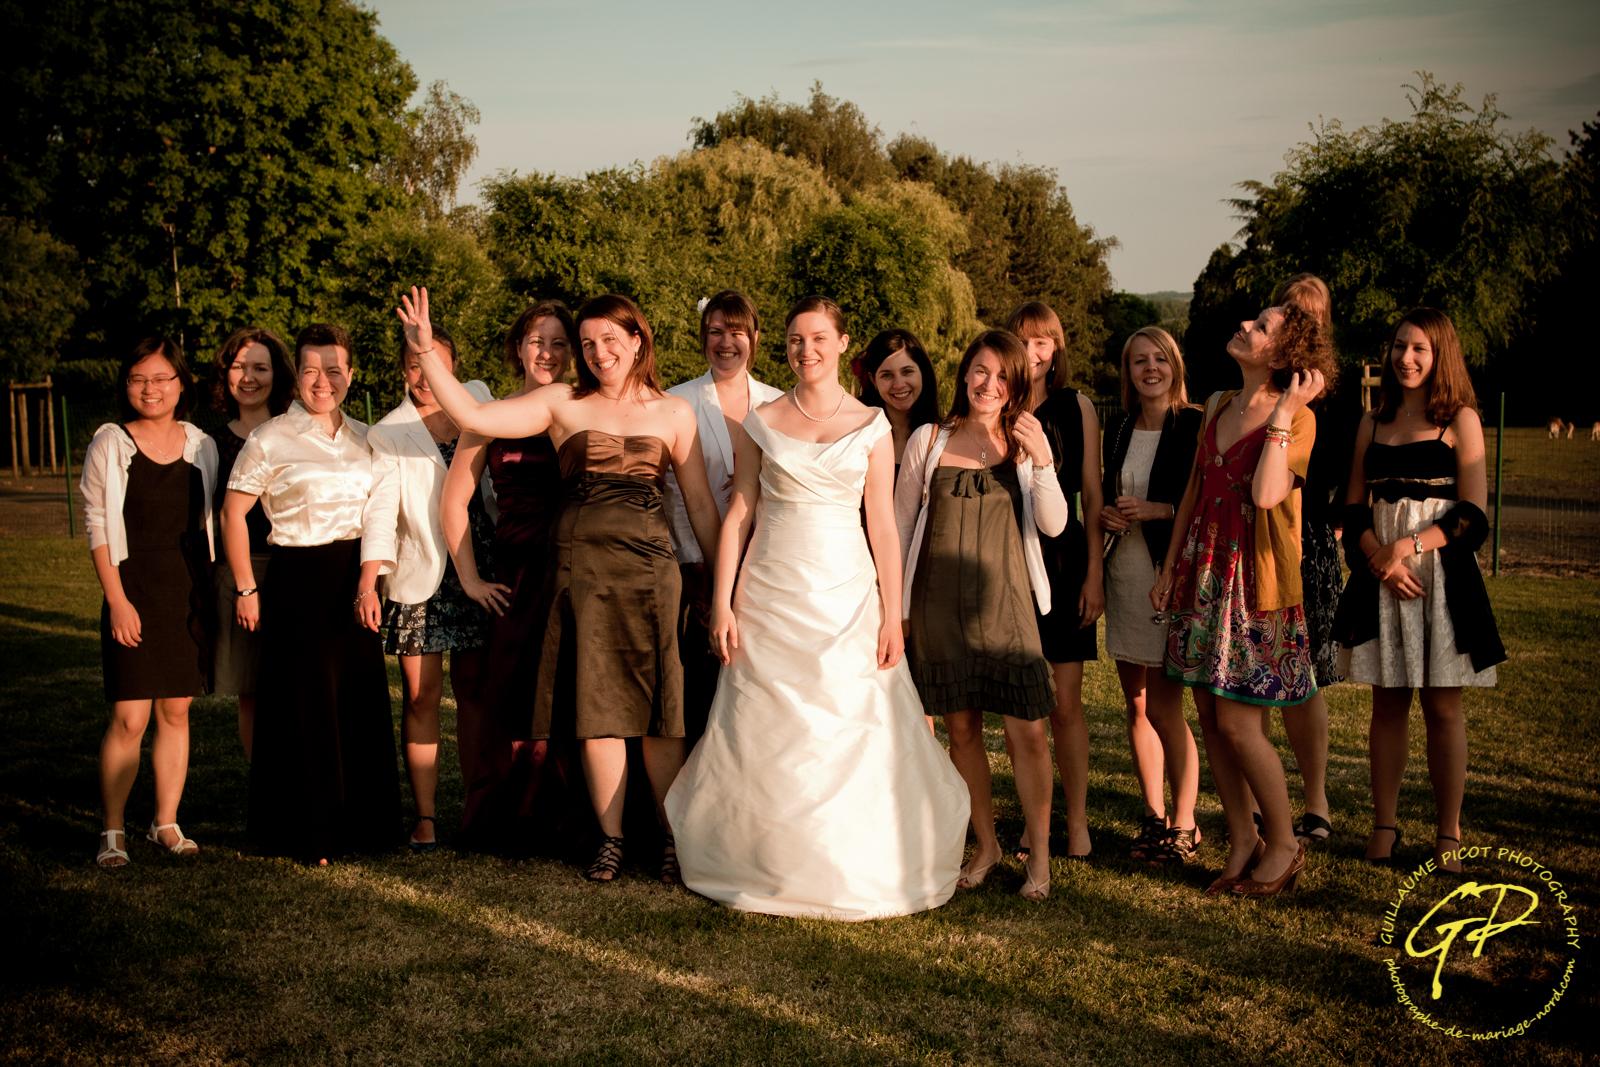 mariage ferme du reposoir kain-8657